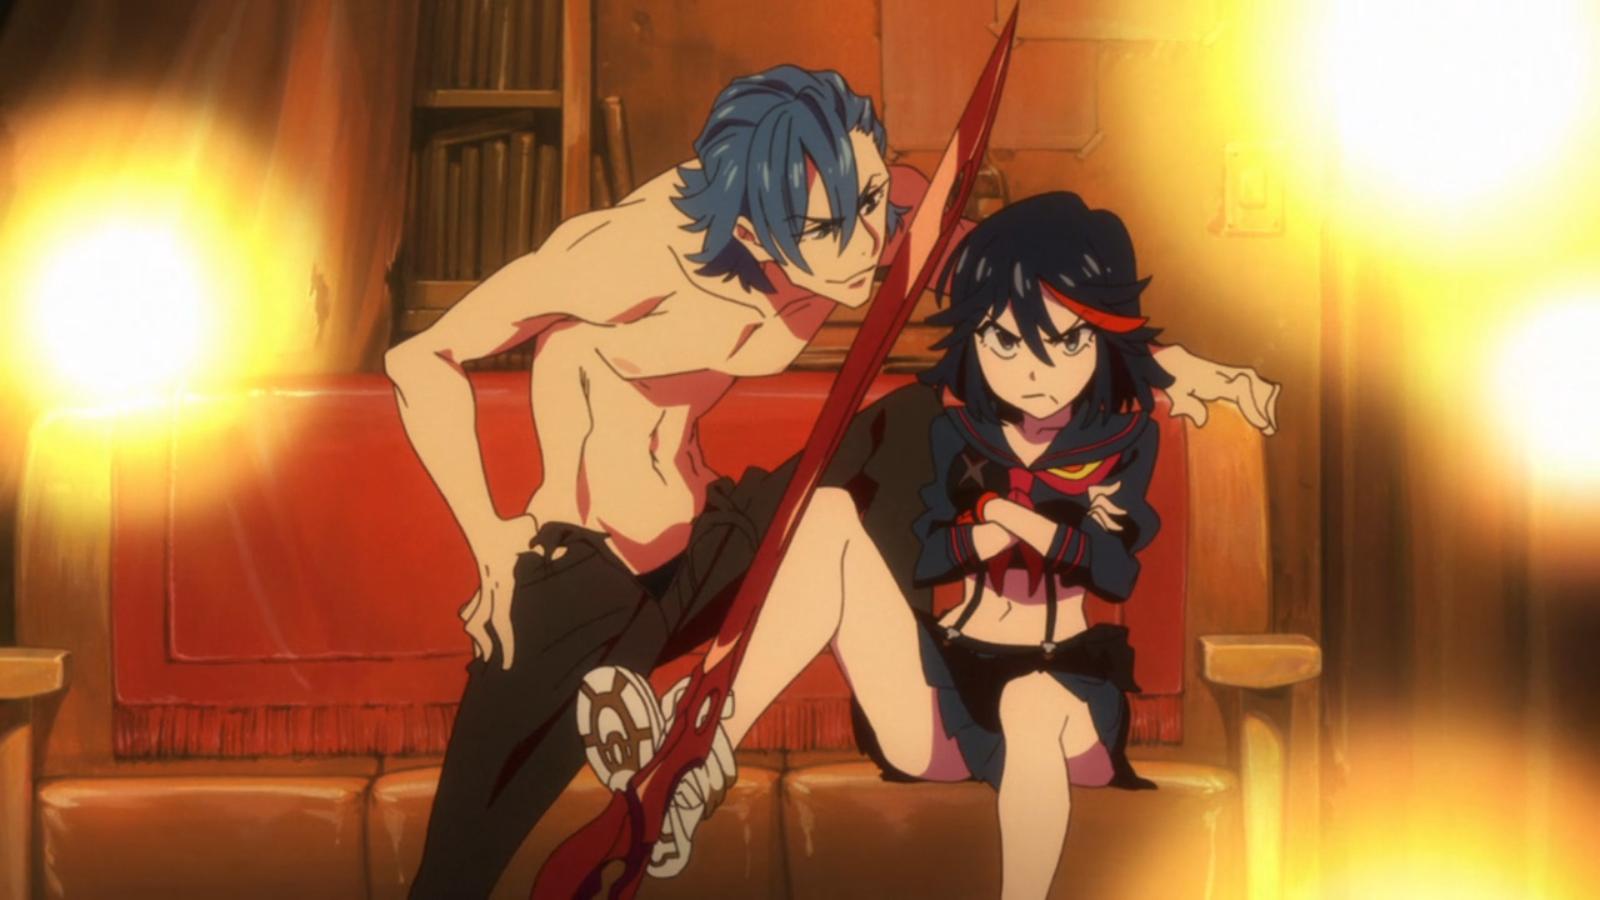 Kết quả hình ảnh cho Kill la Kill anime